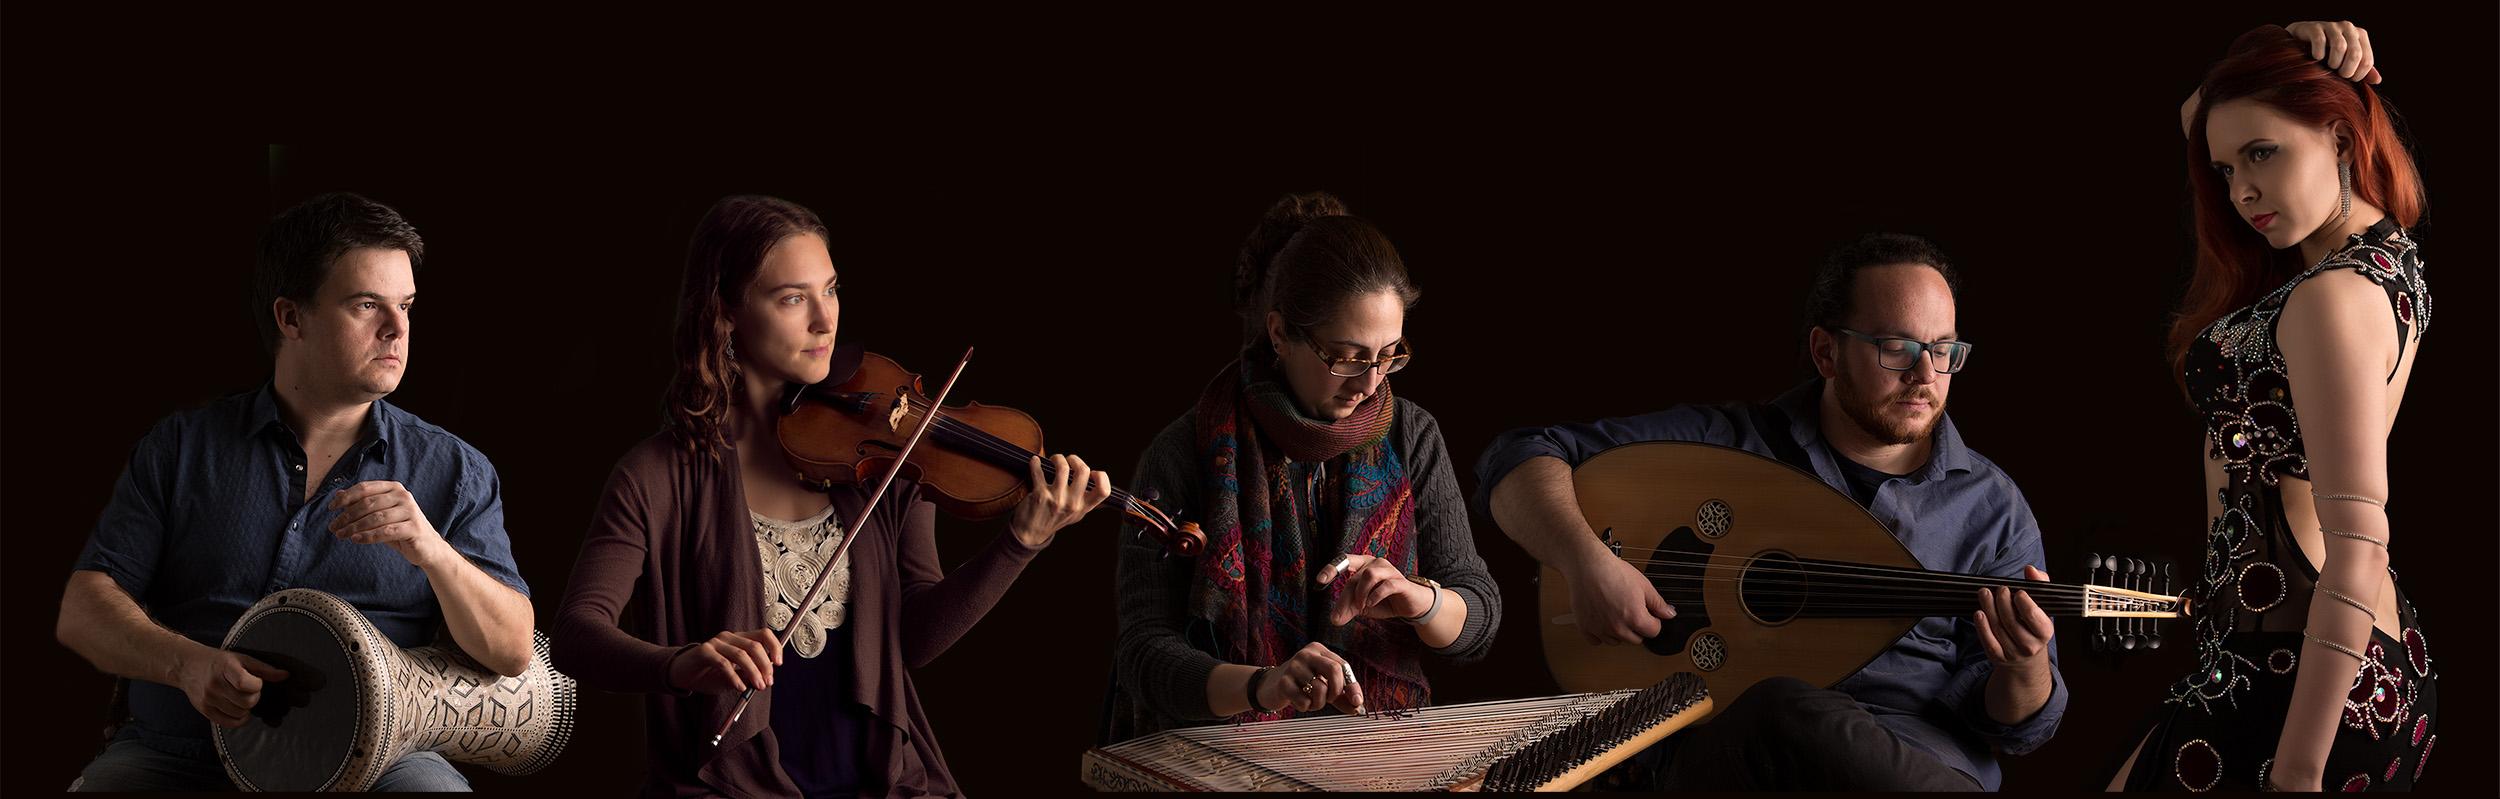 The Blue Dot Ensemble: Pedro Bonatto (percussion), Georgia Hathaway (violin), Sanaz Nakhjavani (kanun), Demetrios Petsalakis (oud) and Iana Komarnytska (dance).